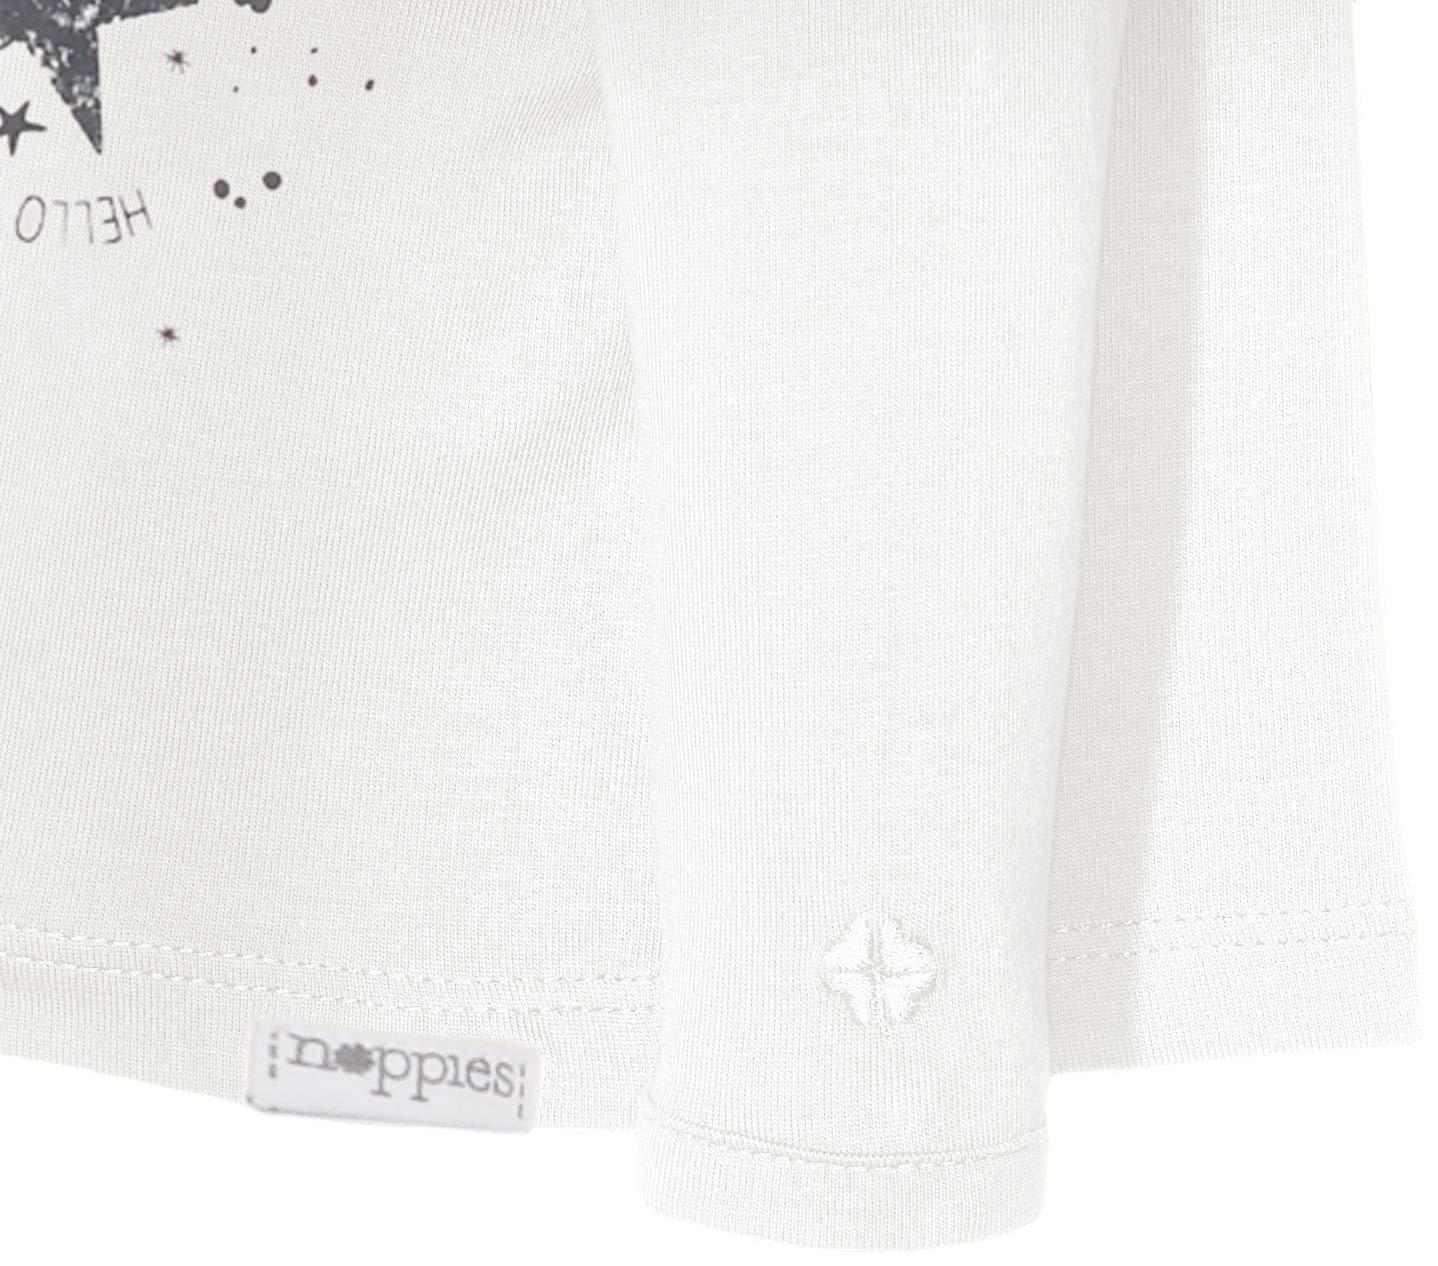 Noppies U tee LS Lux Tekst Camiseta para Bebés 2